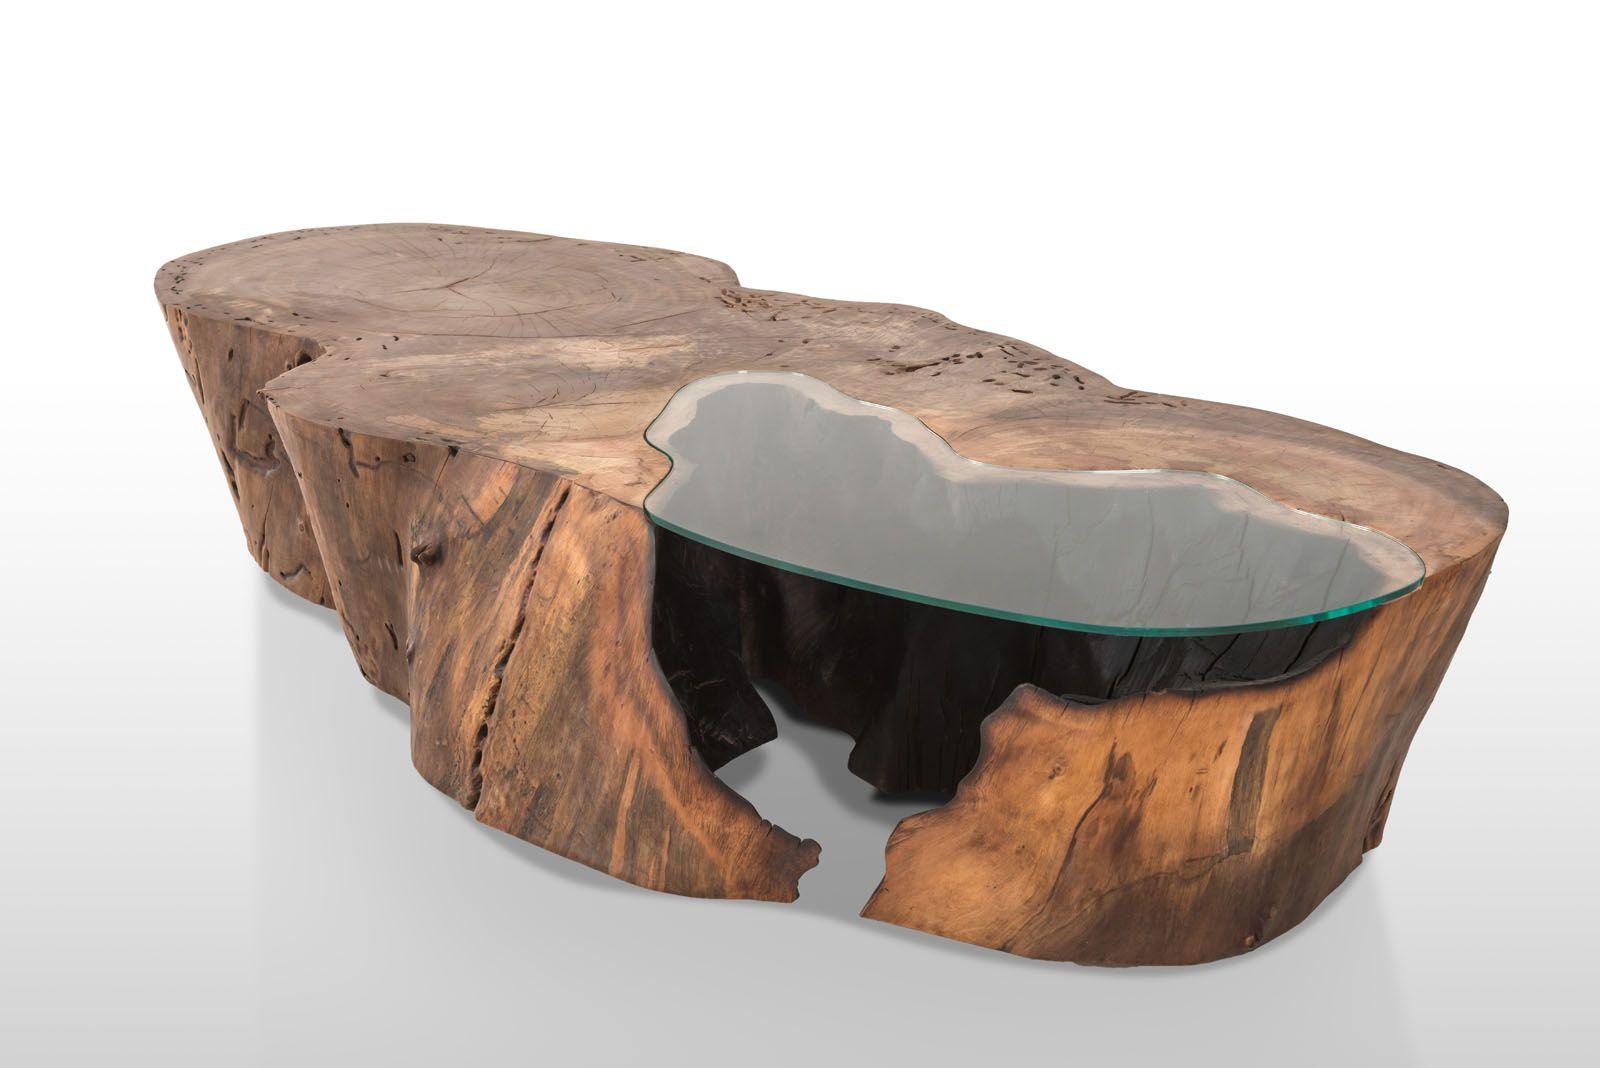 Mesa de centro r stica tronco decora o tronco de rvore for Mesa tronco